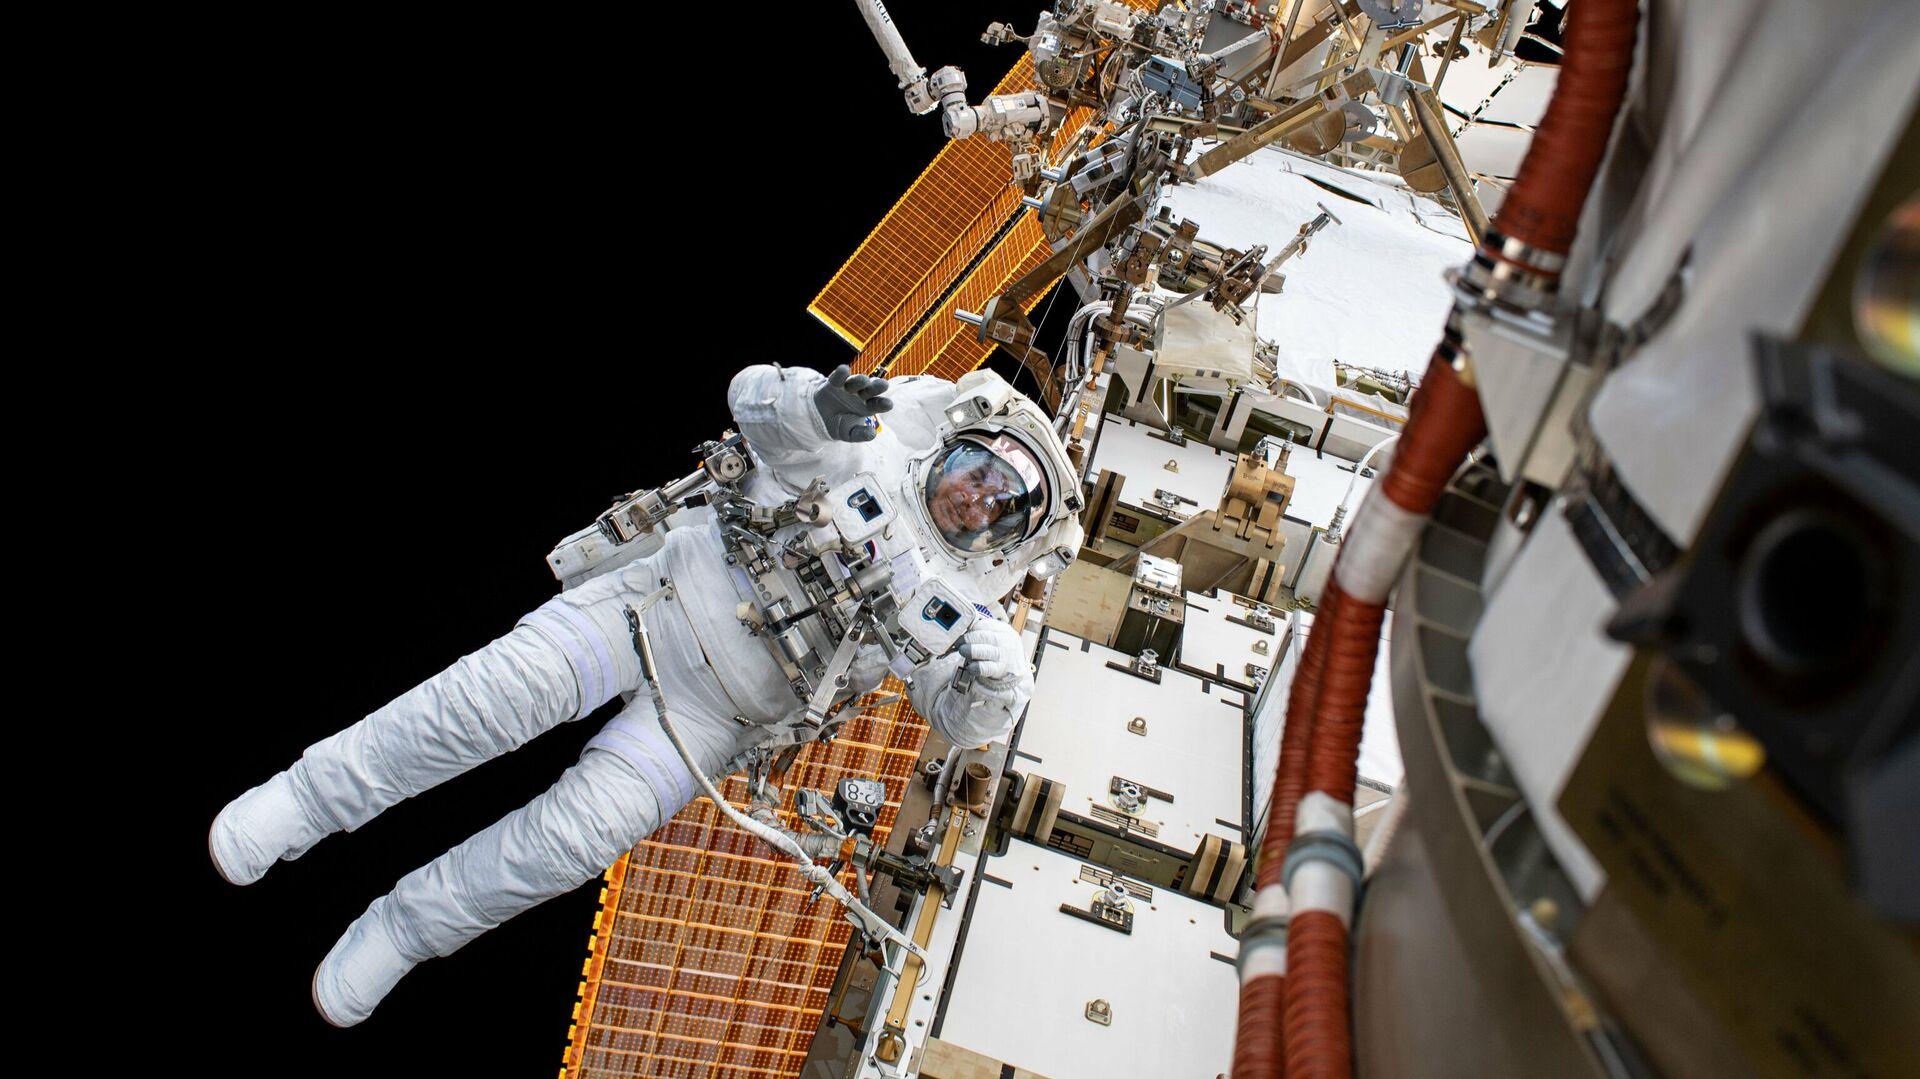 Астронавт НАСА Крис Кэссиди во время планового выхода в открытый космос для модернизации системы электропитания станции - РИА Новости, 1920, 13.10.2020